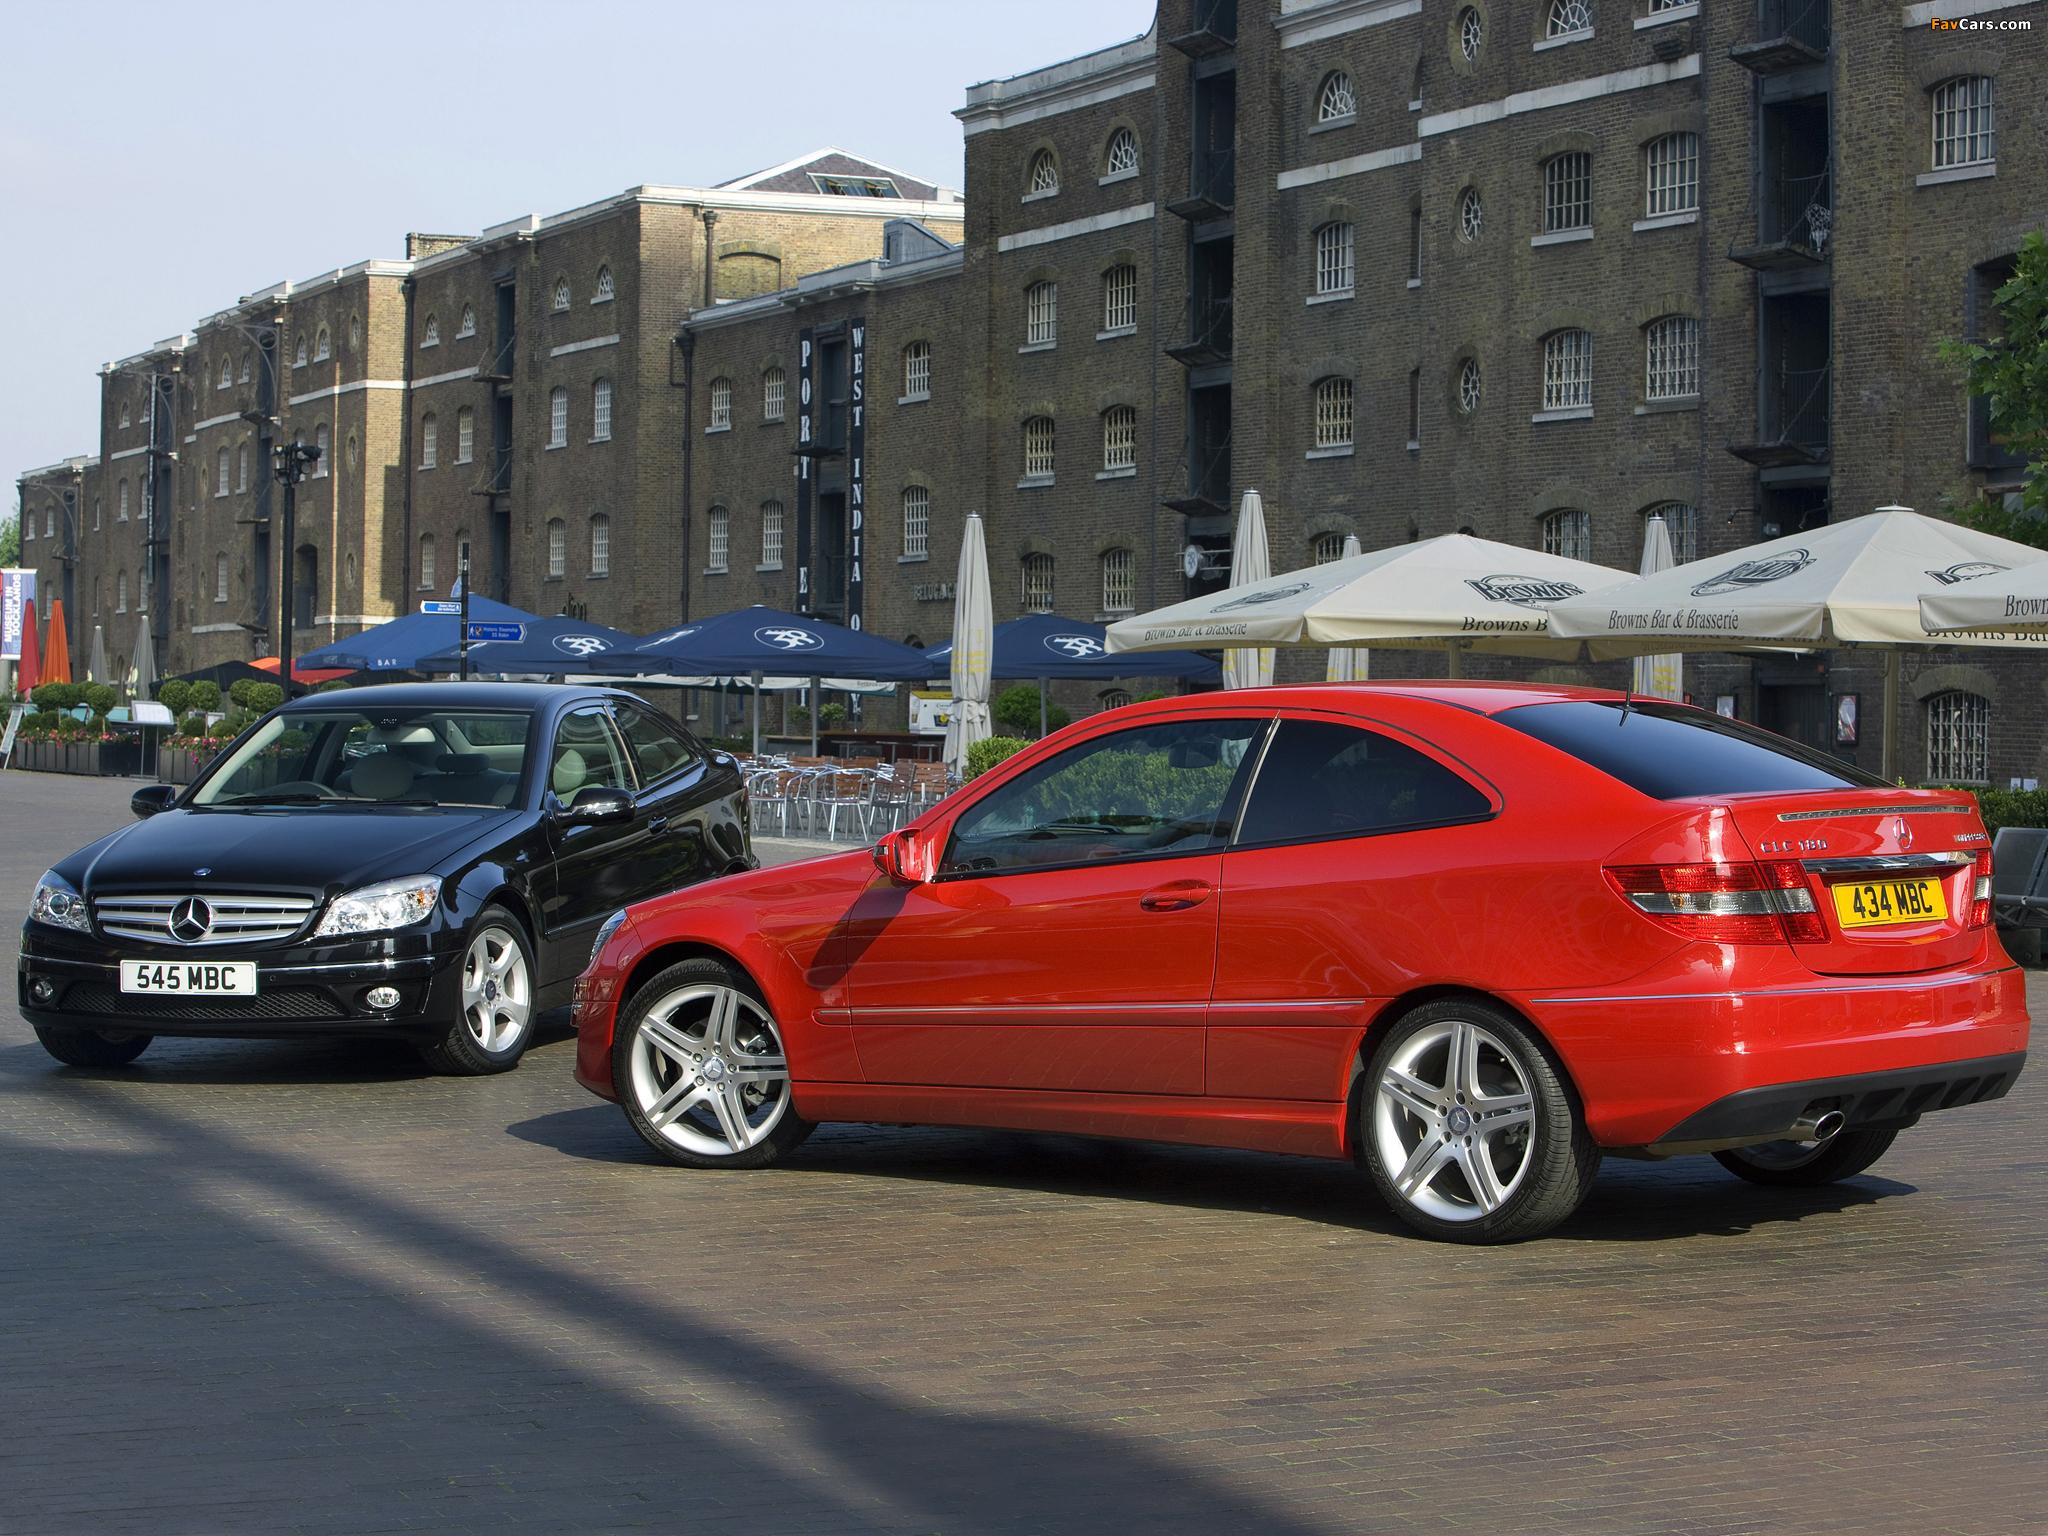 Mercedes-Benz CLC-Klasse images (2048 x 1536)